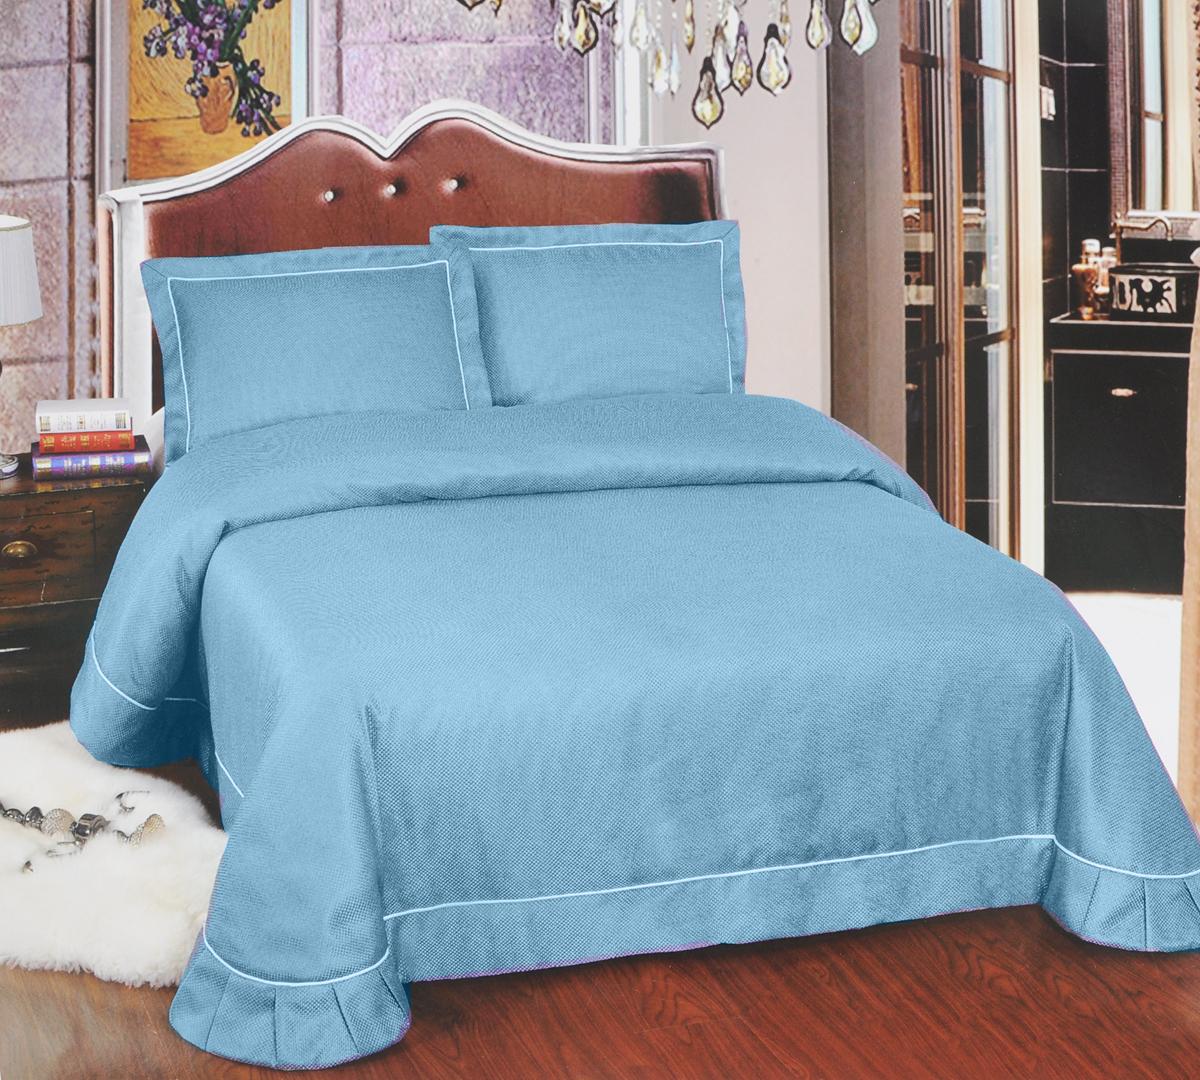 Комплект для спальни Arya Girona: покрывало 250 х 260 см, 2 наволочки 50 х 70 см, цвет: голубойTR1001106_голубойИзысканный комплект для спальни Arya Girona состоит из покрывала и двух наволочек. Изделия выполнены из высококачественного полиэстера, легкие, прочные и износостойкие. Ткань матовая, что придает ей очень большое сходство с хлопком. Комплект Arya Girona - это отличный способ придать спальне уют и комфорт. Размер покрывала: 250 х 260 см. Размер наволочки: 50 х 70 см.